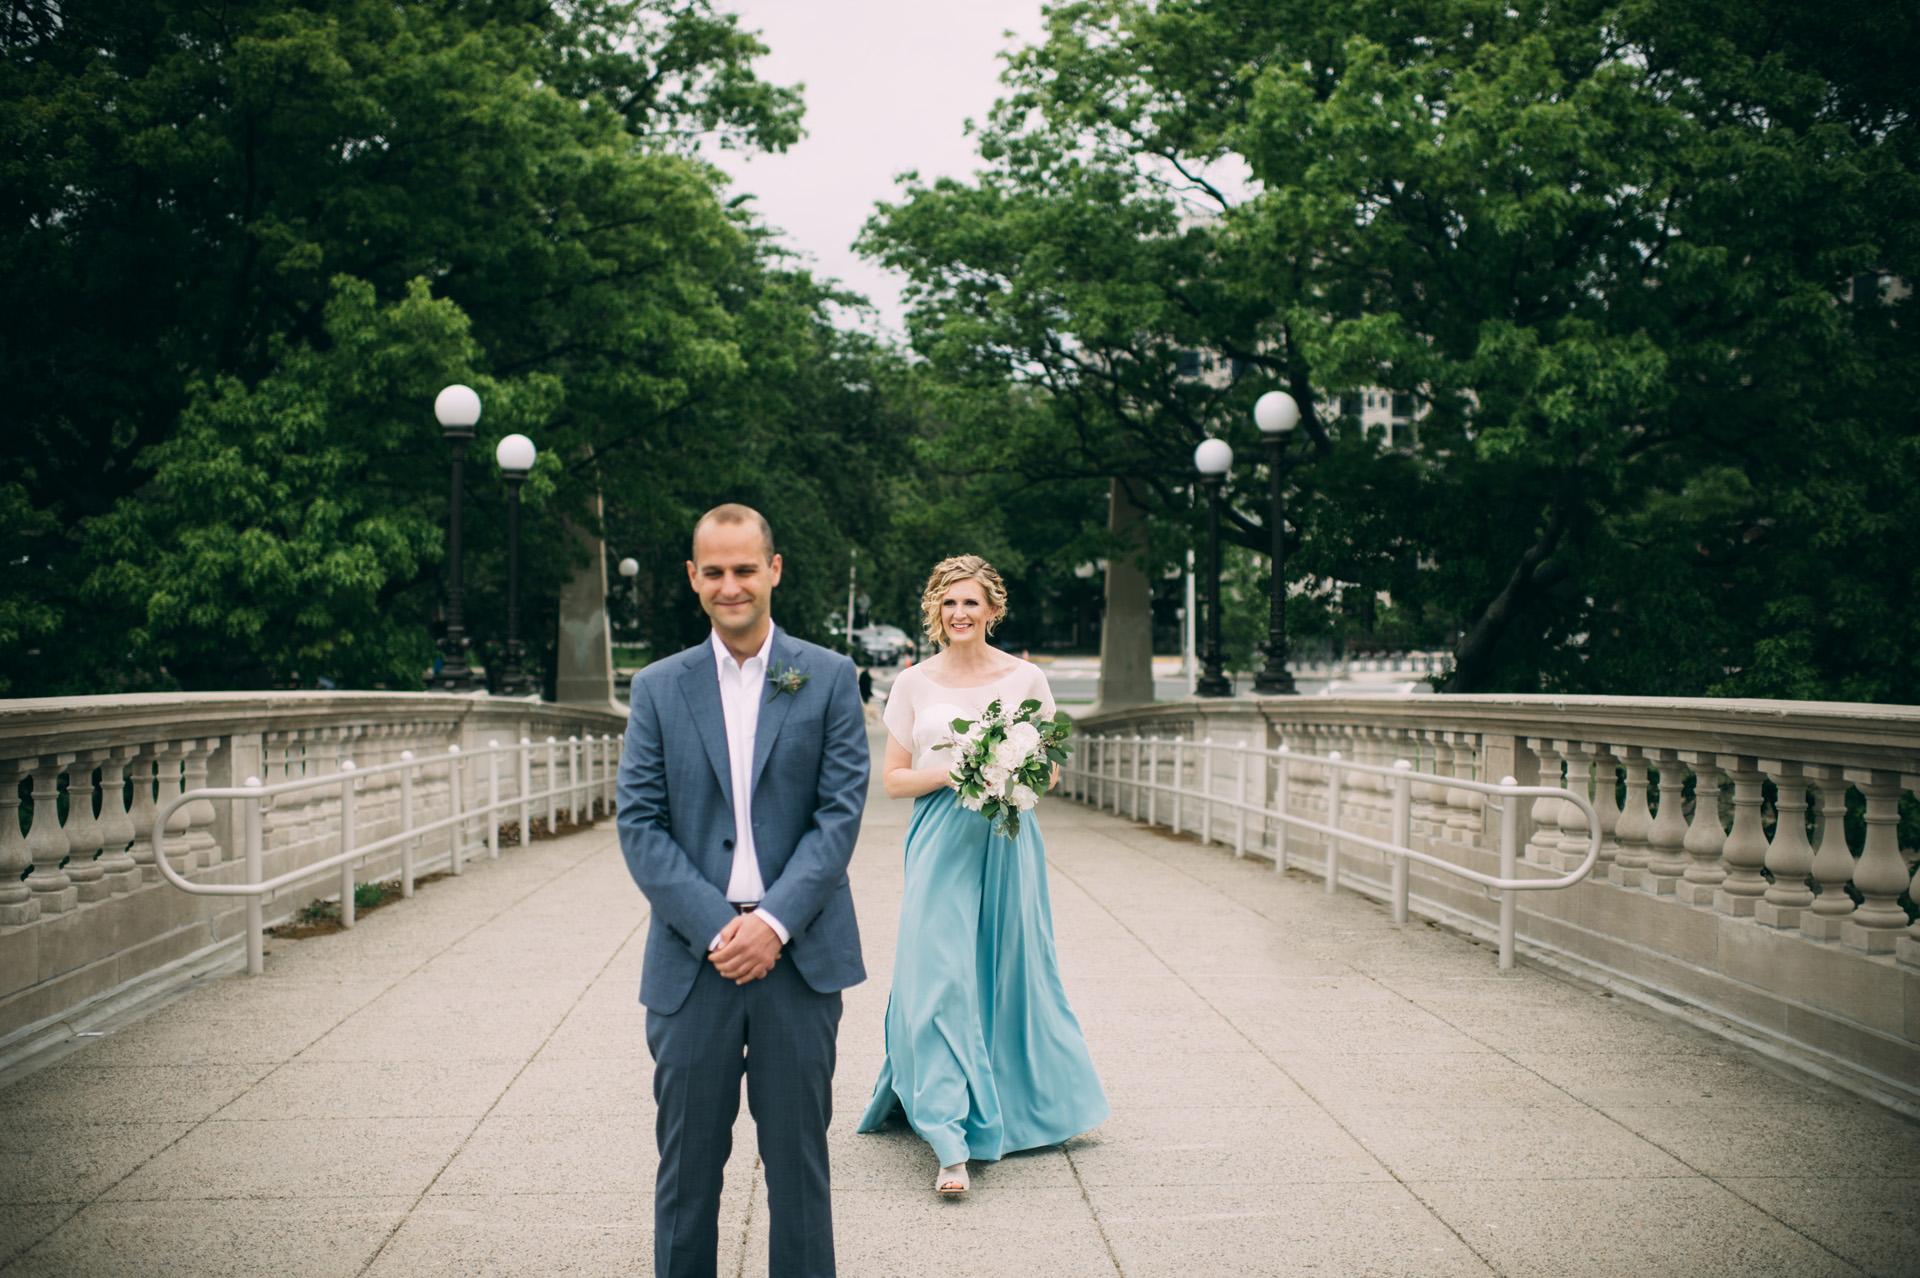 alden-harlow-wedding-photographer-13